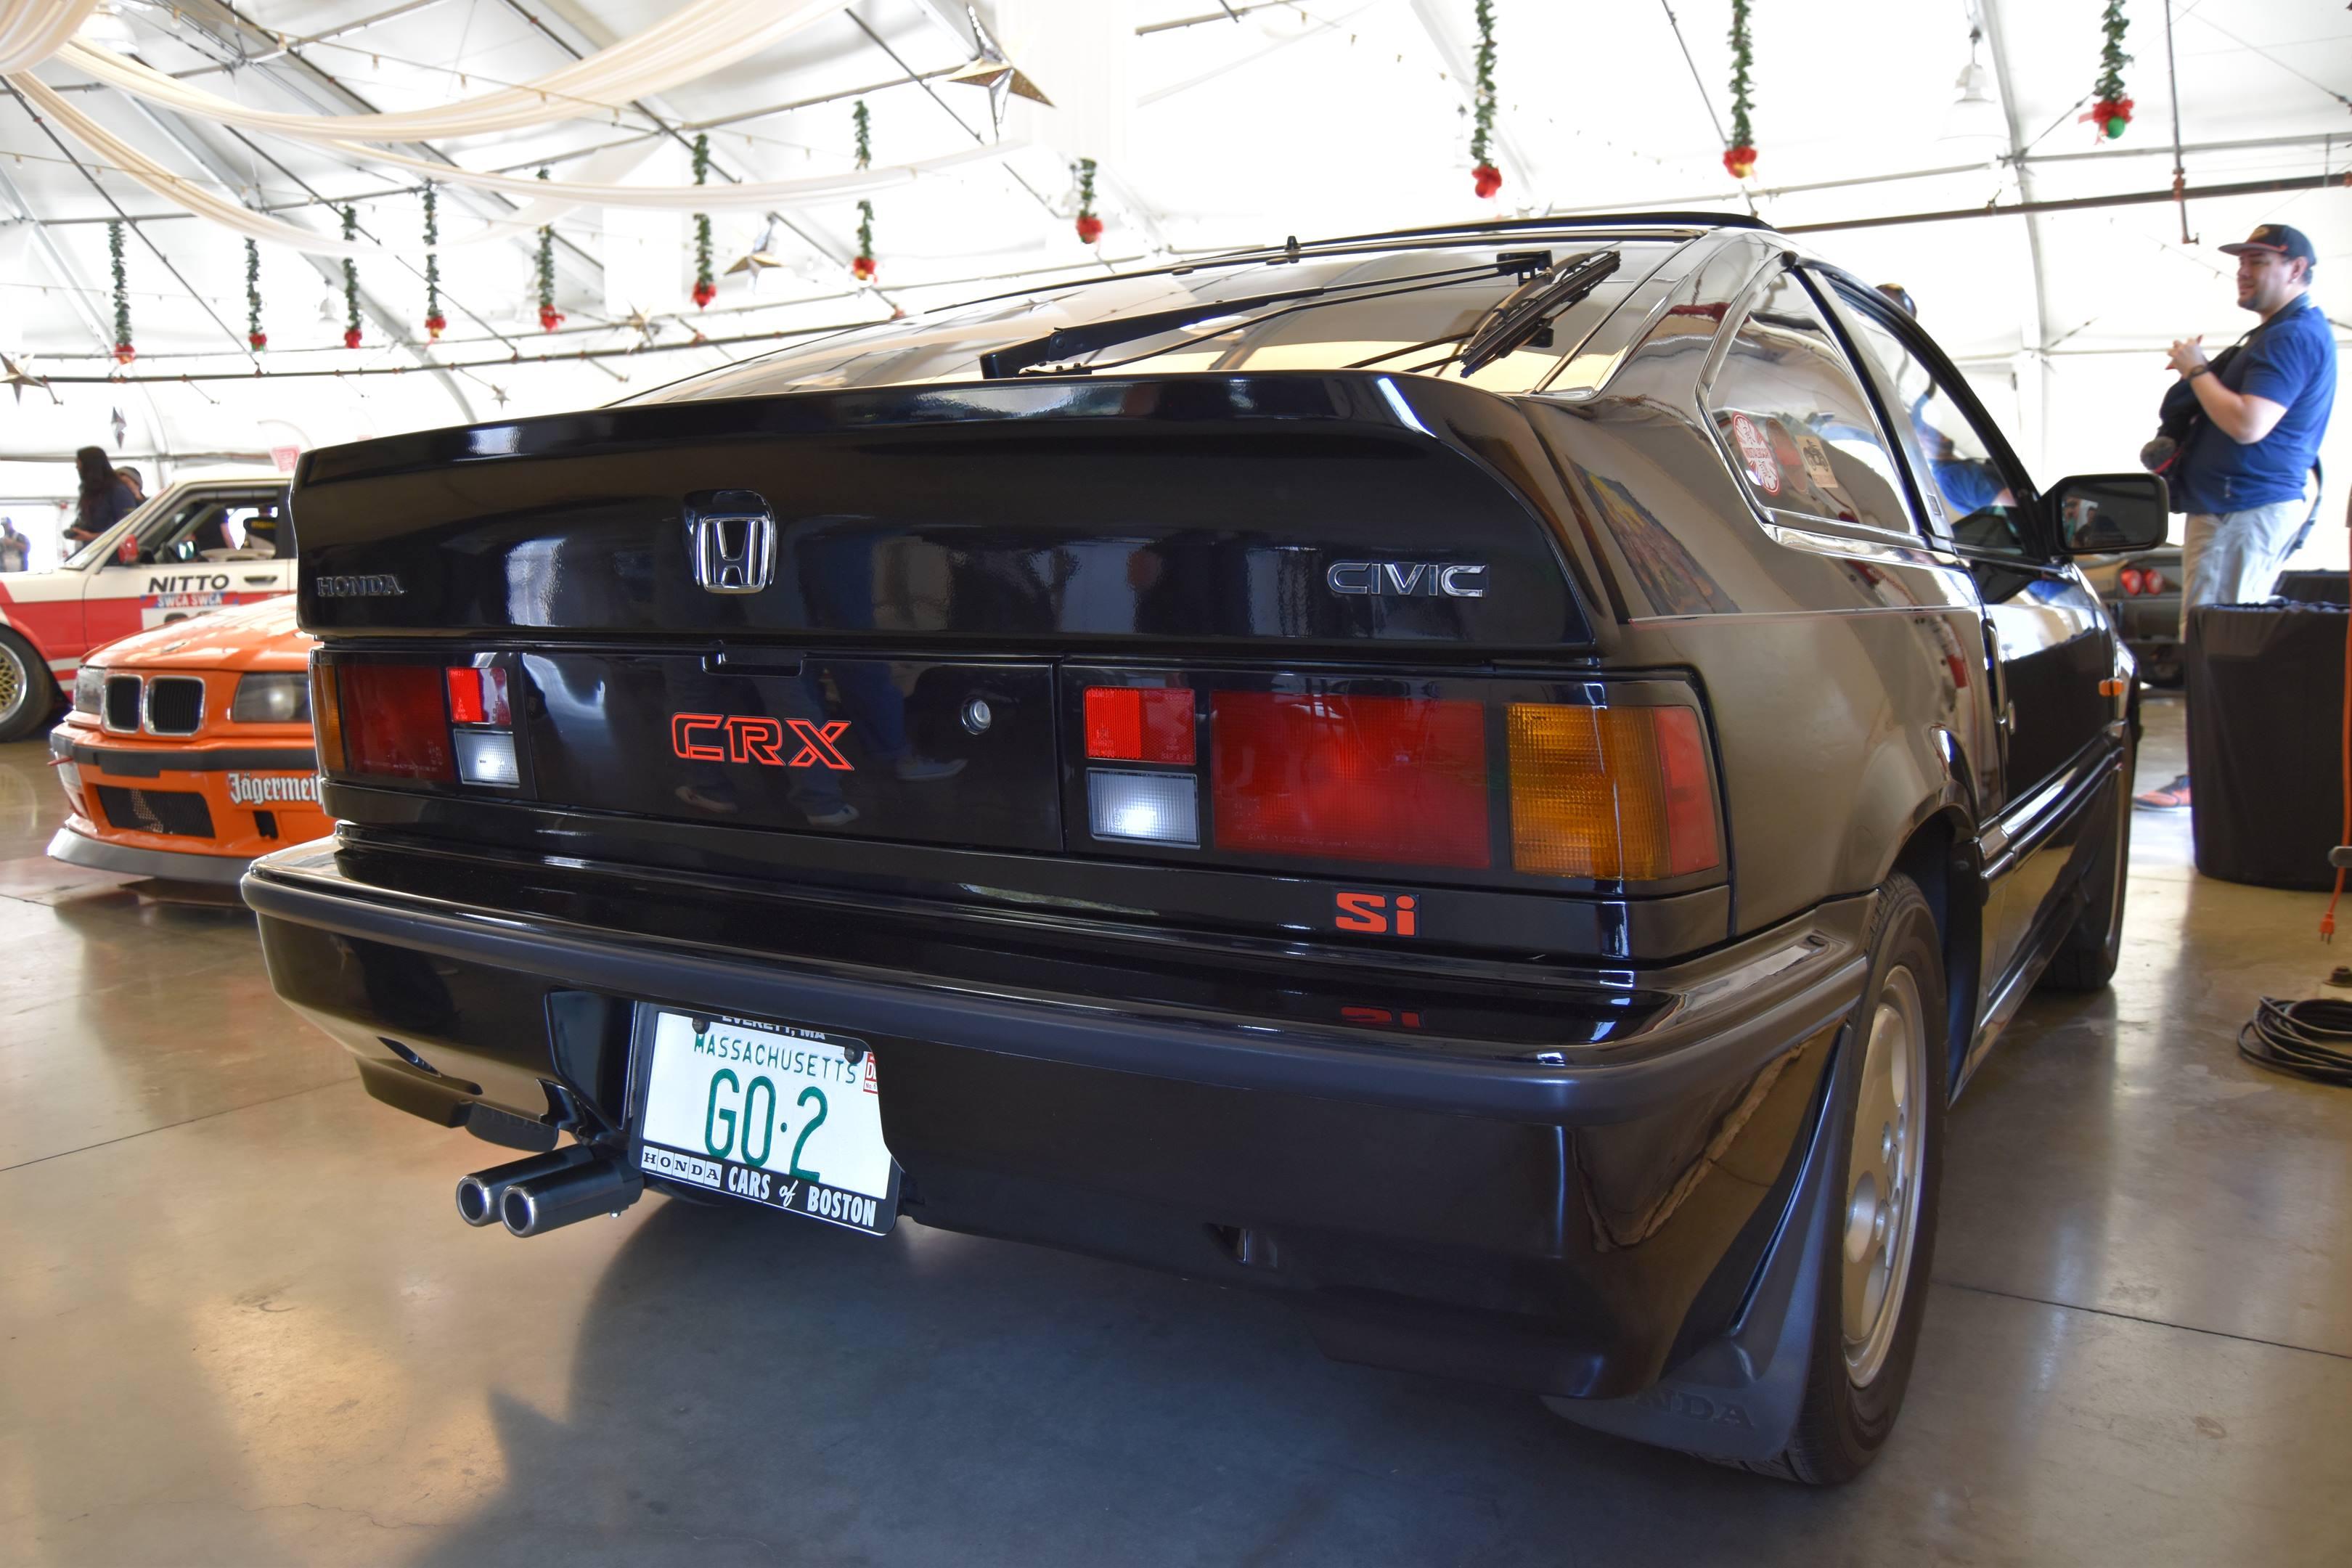 1987 Honda Civic CRX Si rear 3/4